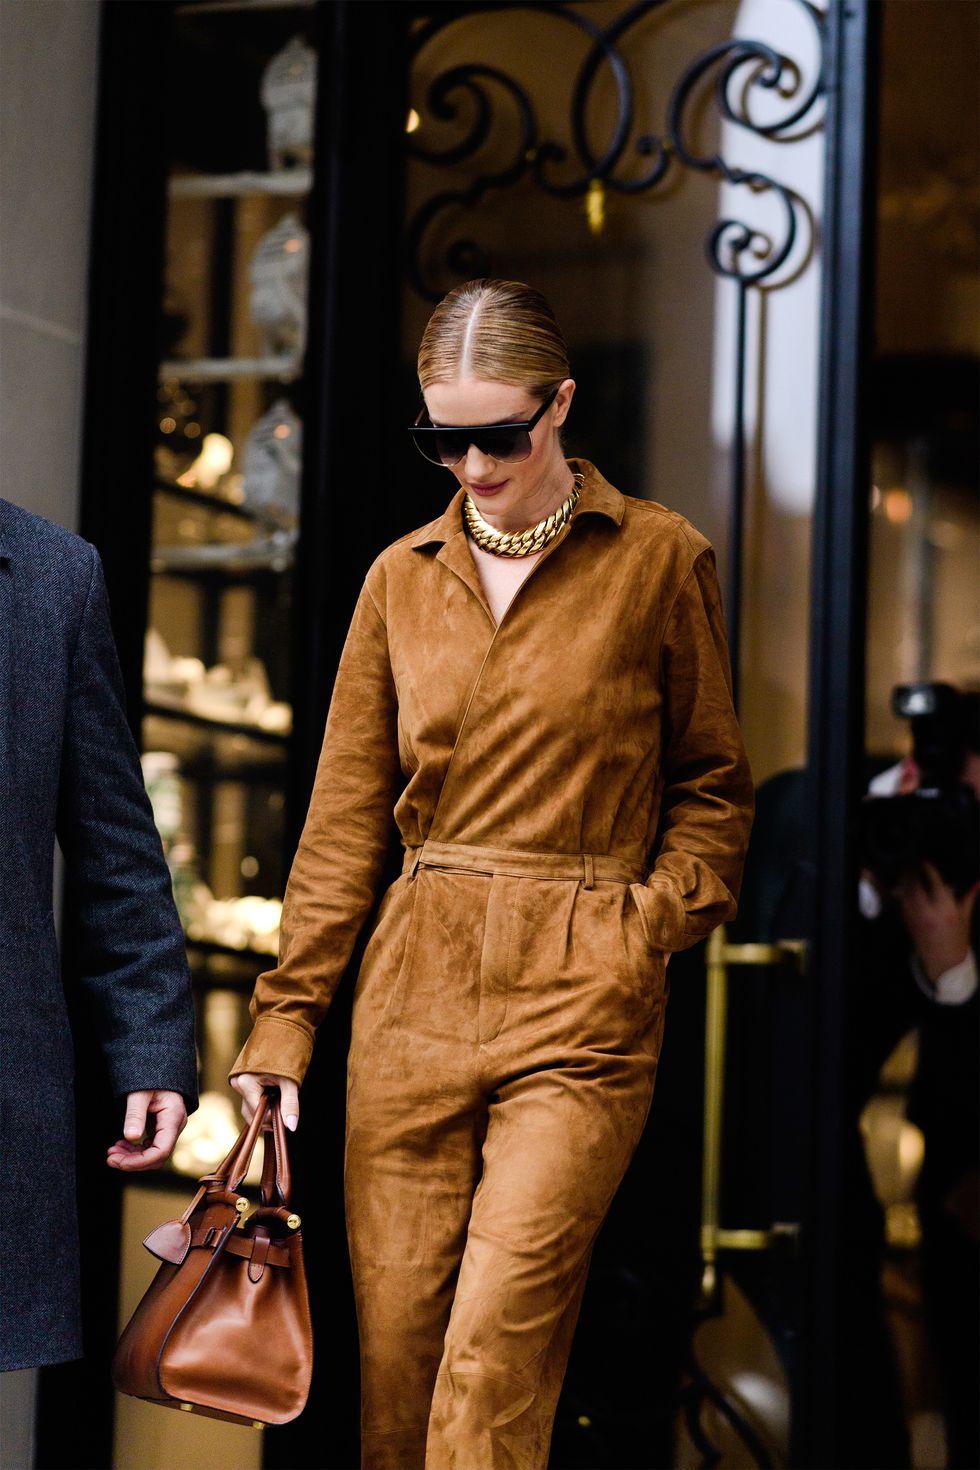 thời trang vintage jumpsuit và túi xách màu nâu